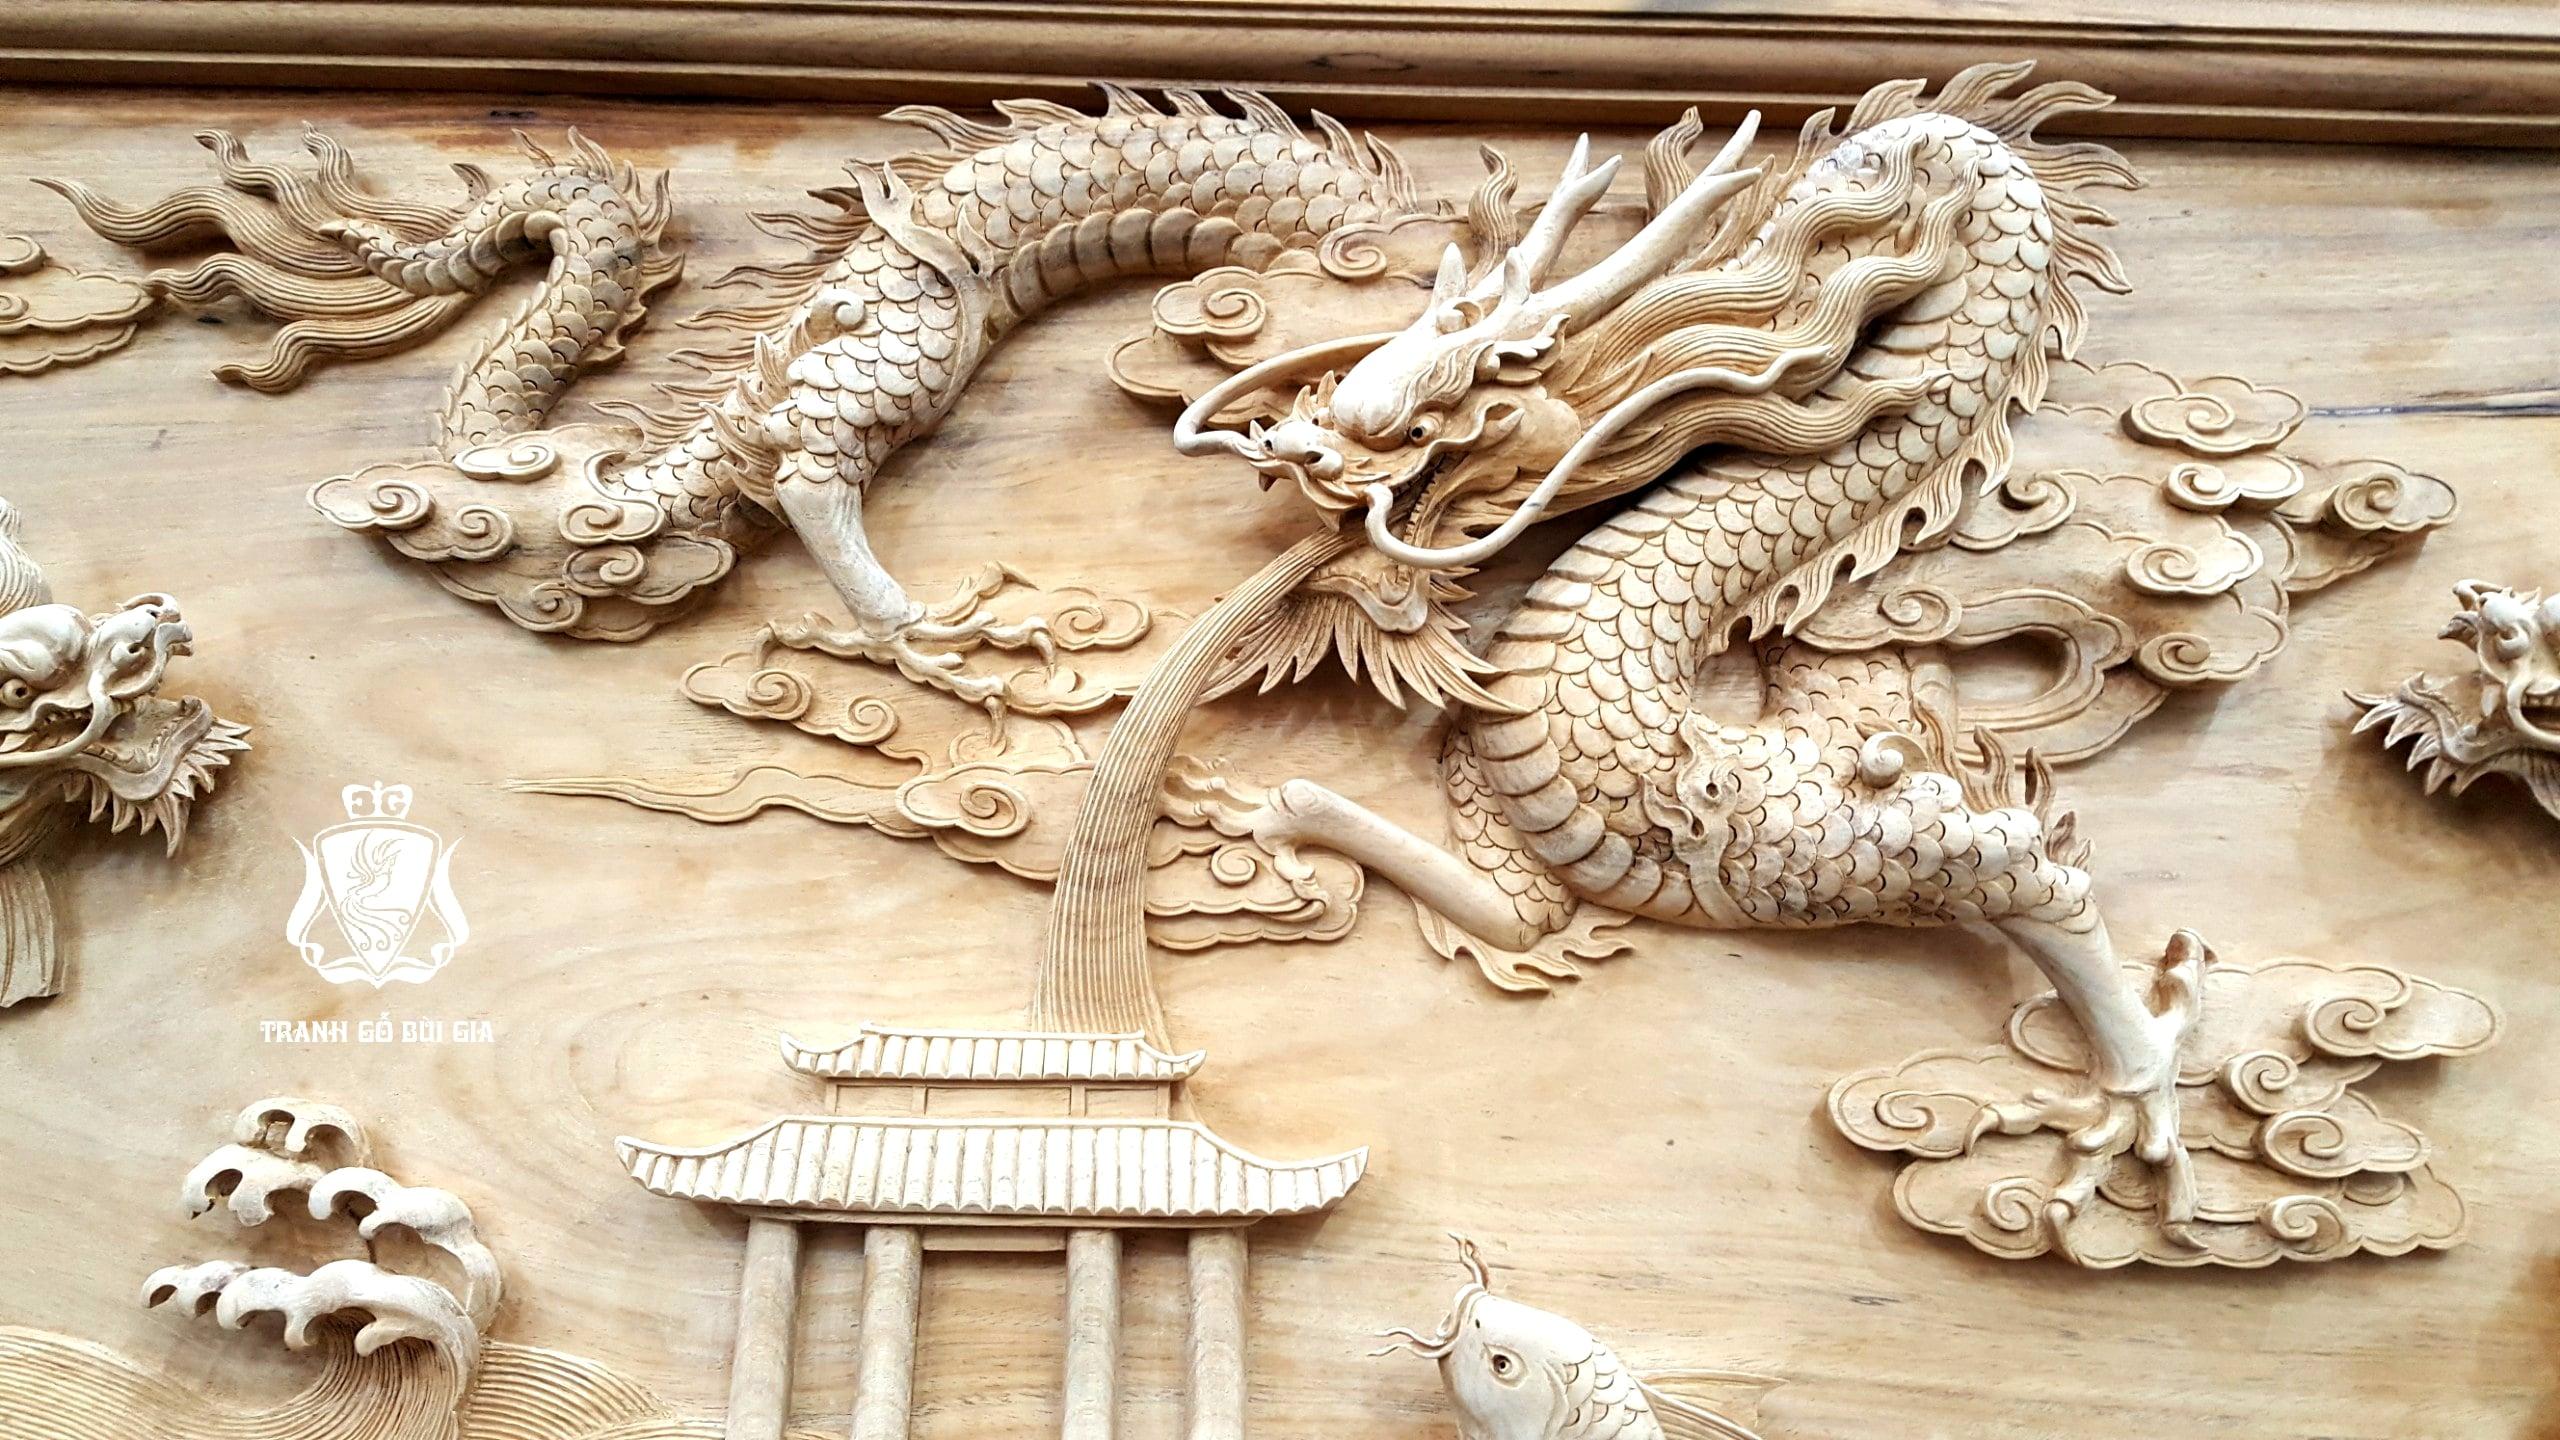 Tranh gỗ Cá Chép Hóa Rồng. Đục Tay Lớp Vảy Kép Của Rồng Cực Đỉnh.